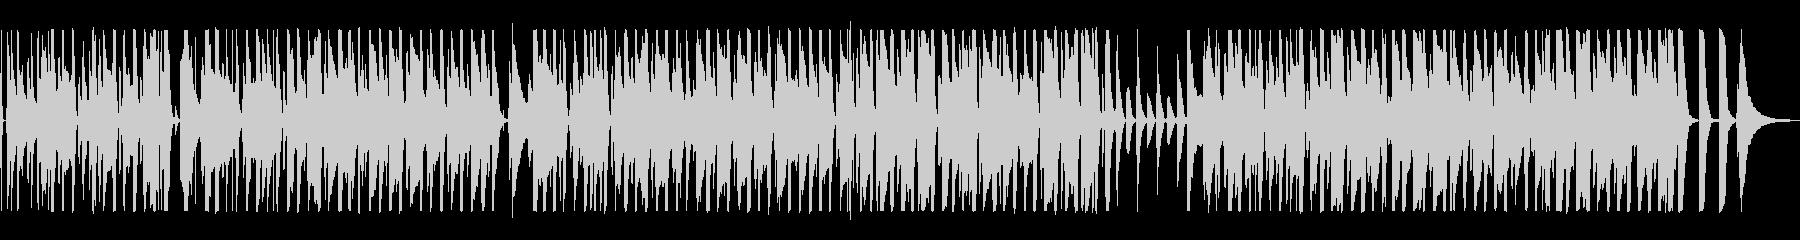 ウクレレと笛の音がほのぼのしたポップスの未再生の波形